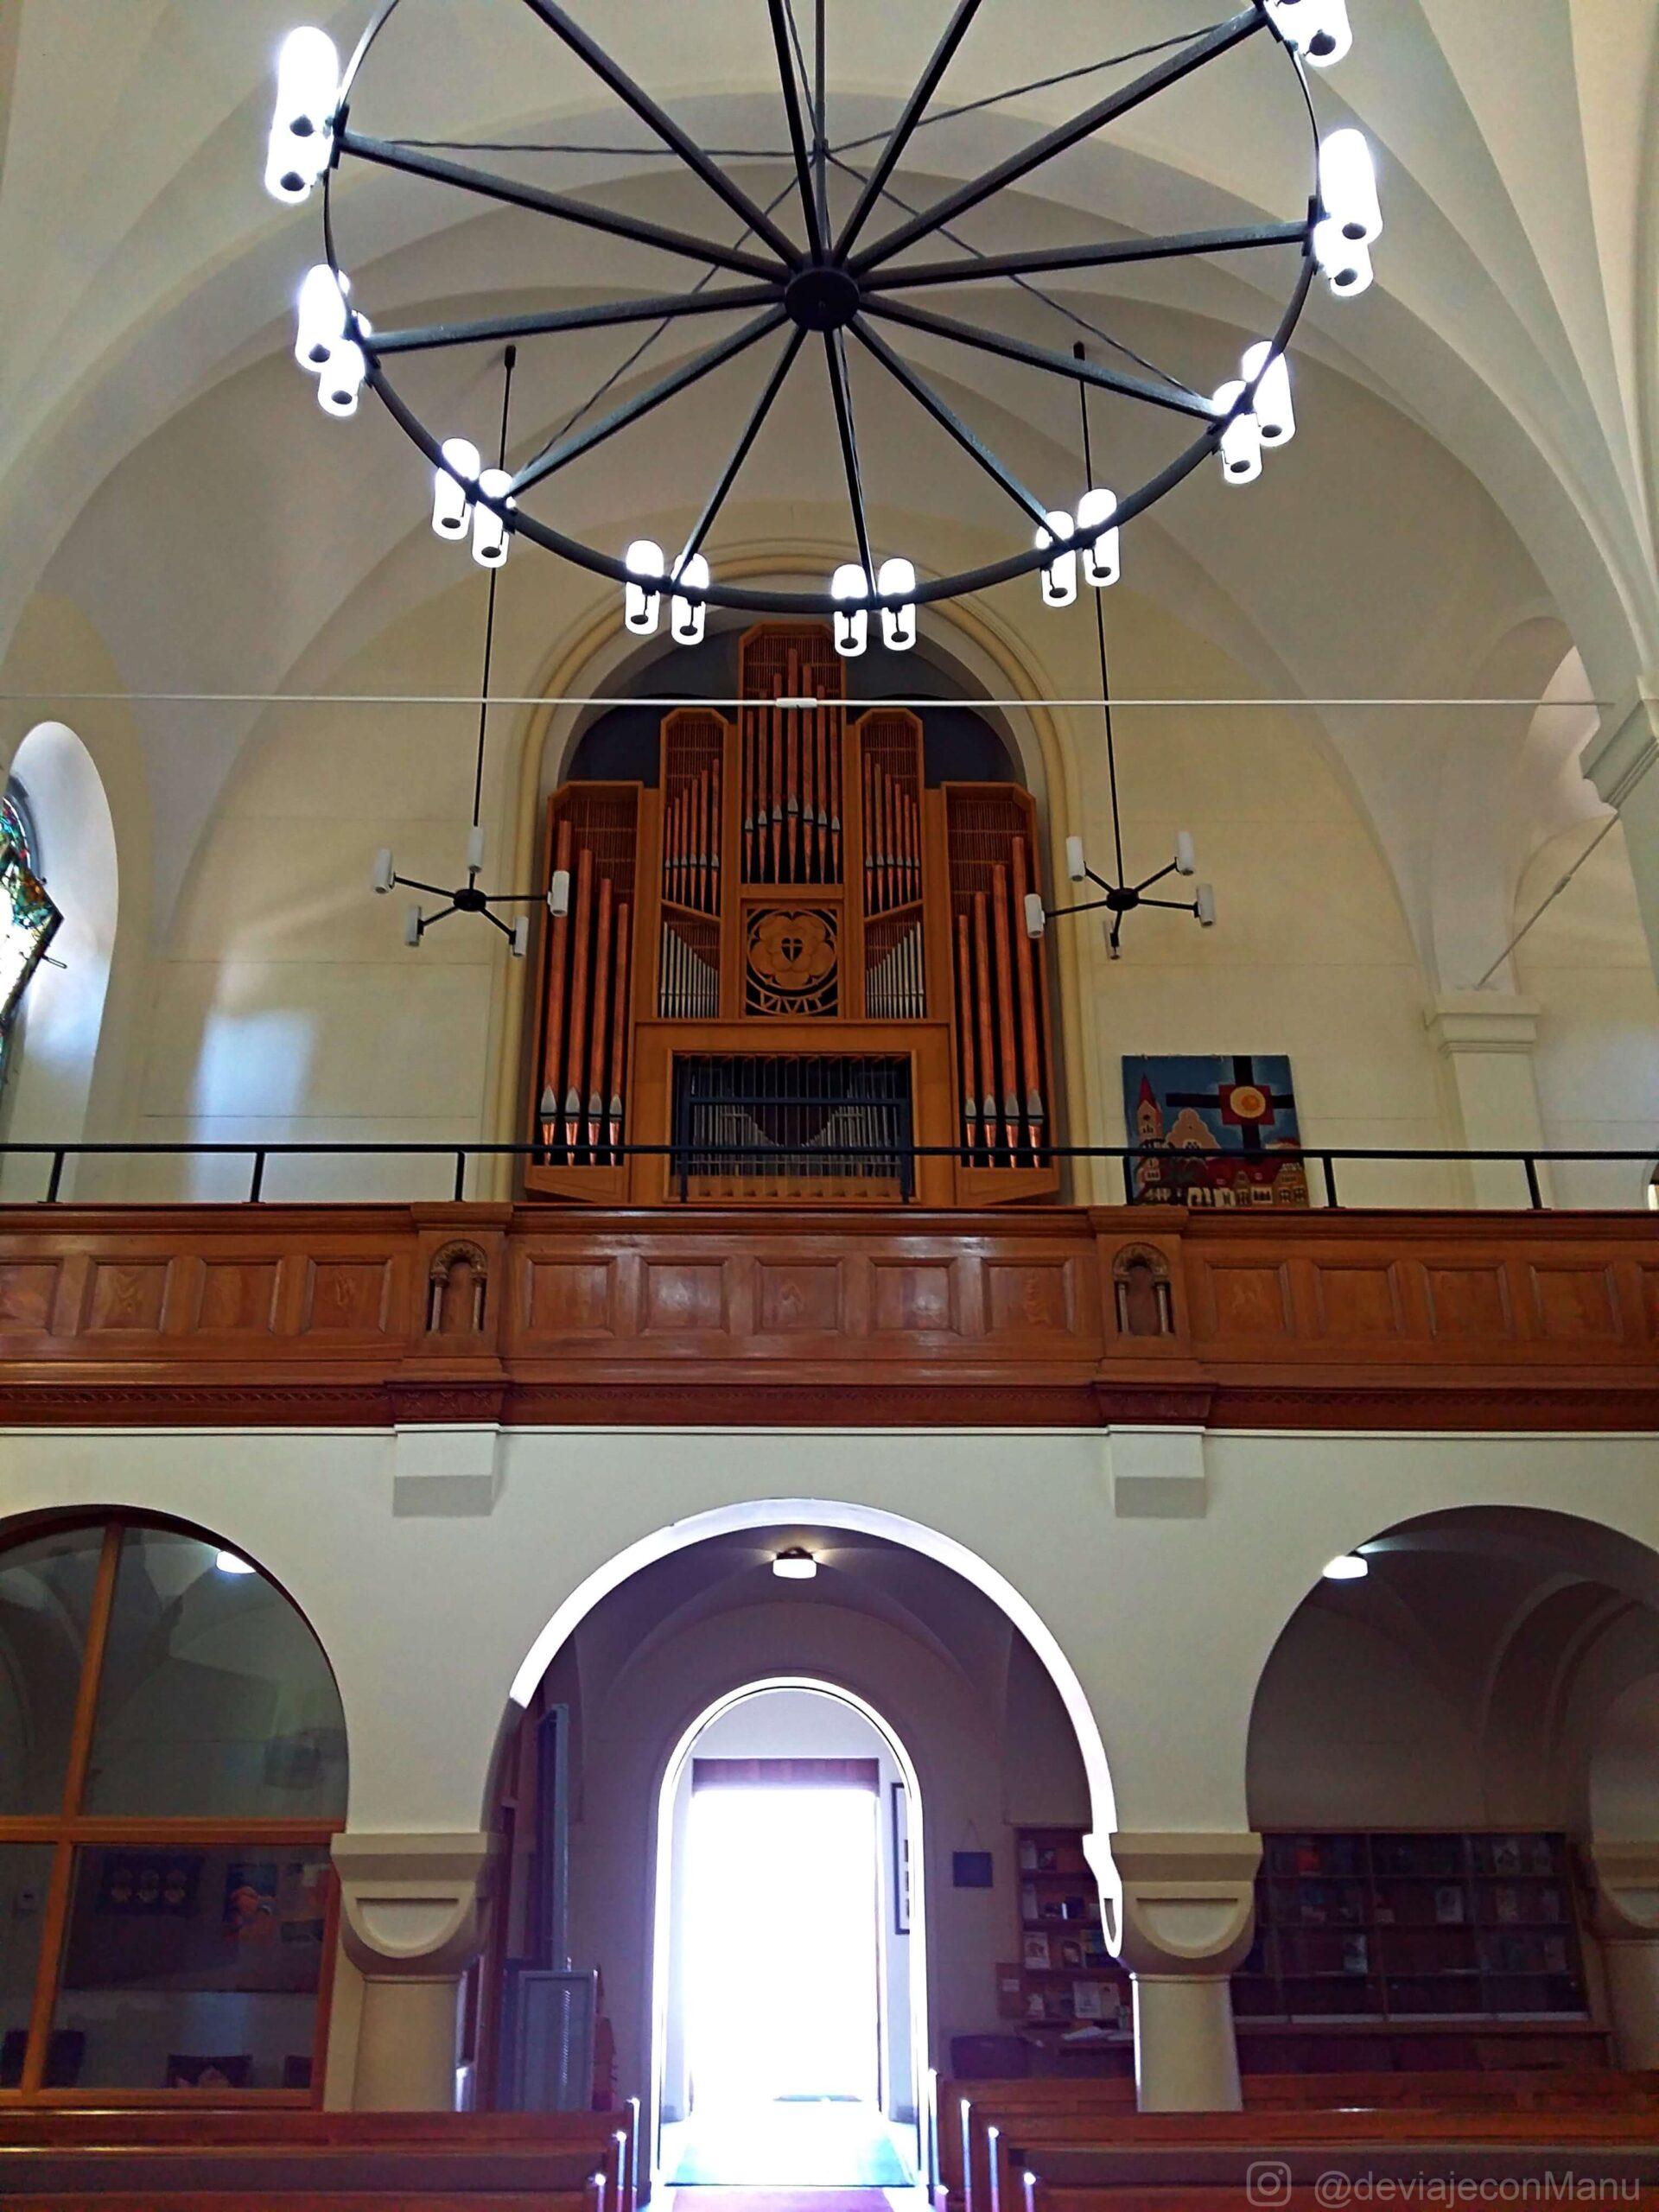 Christurskirche